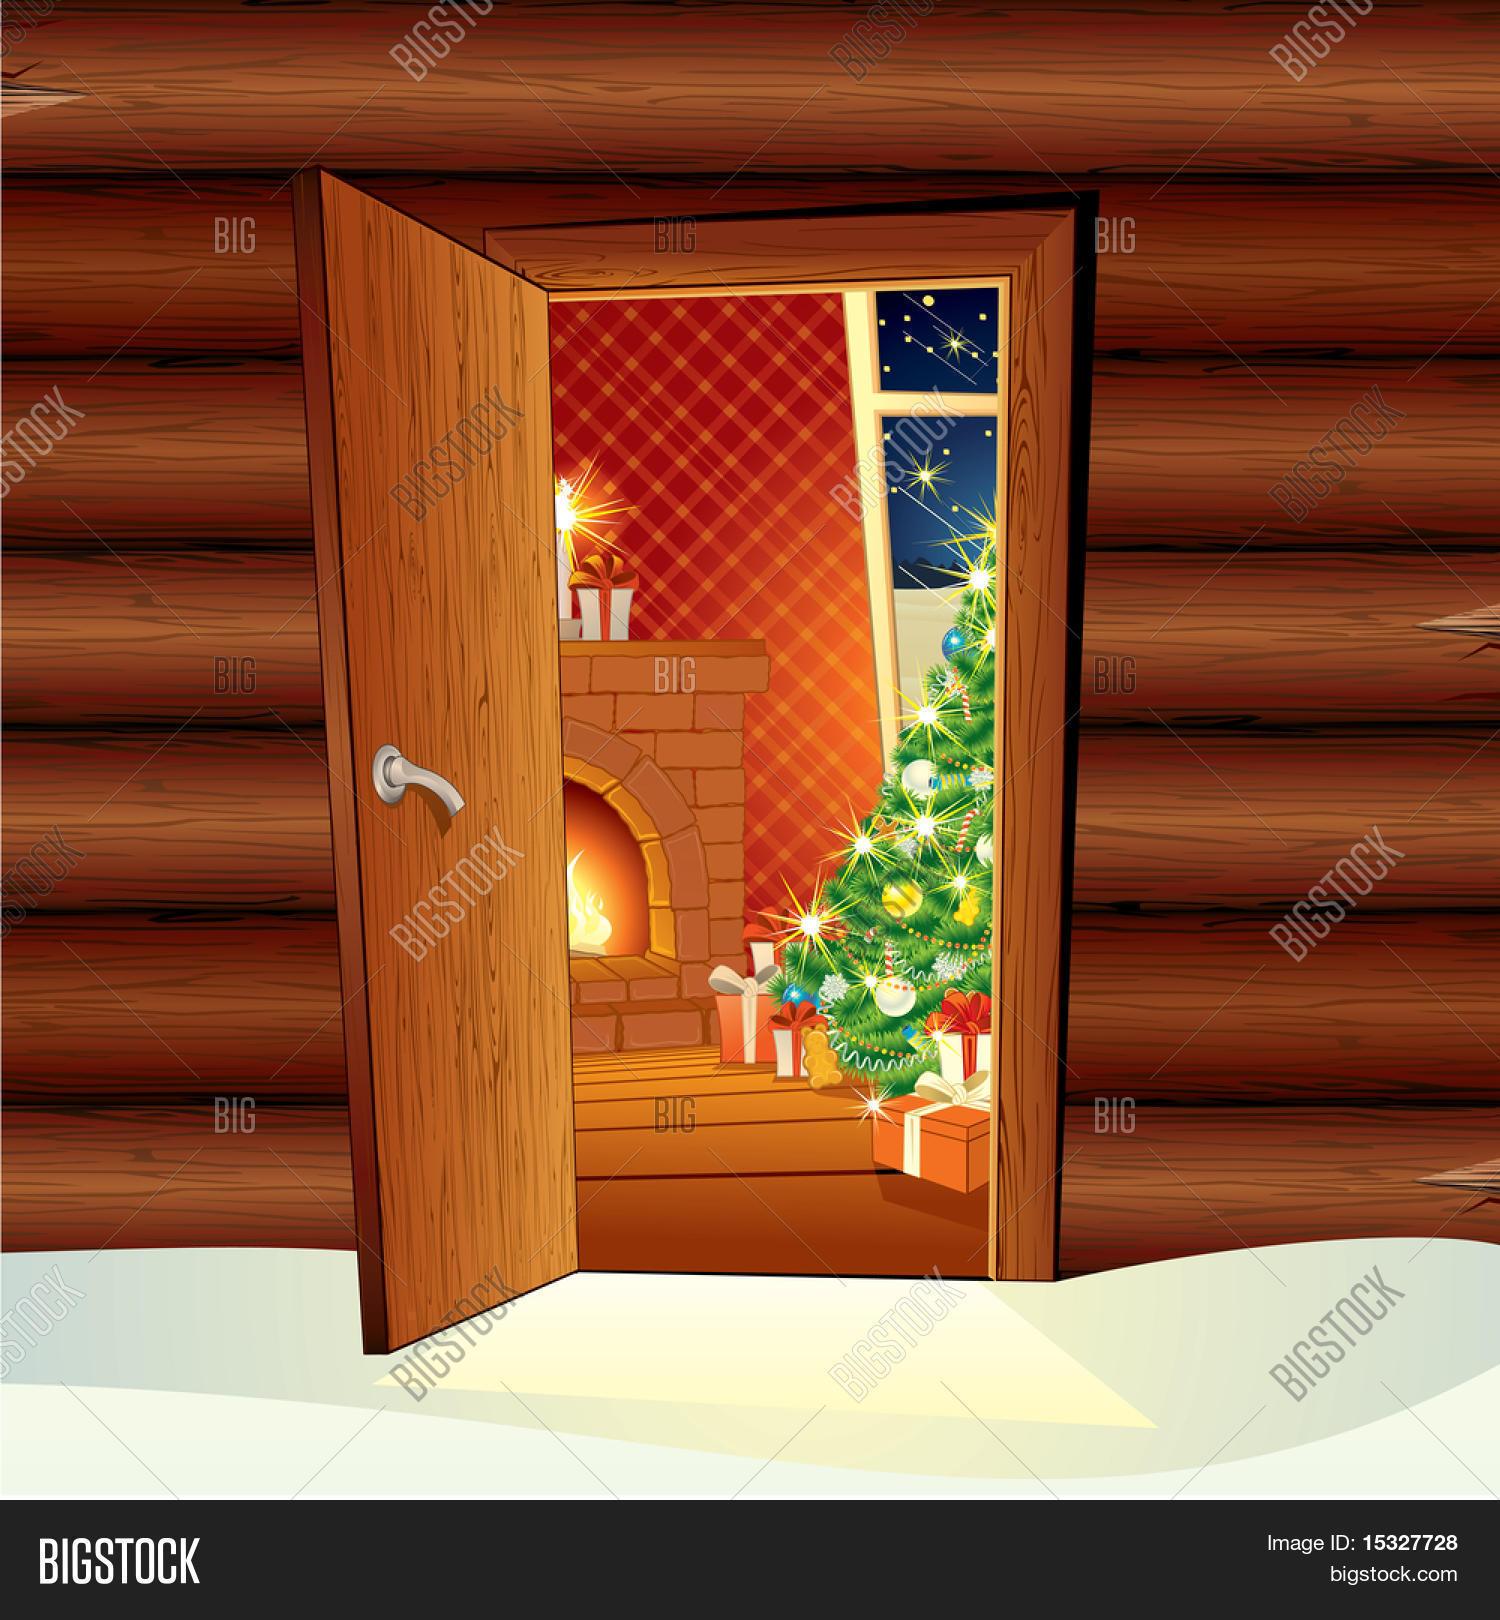 Image de dessin animé de vector illustration of festive intérieur maison de porte ouverte